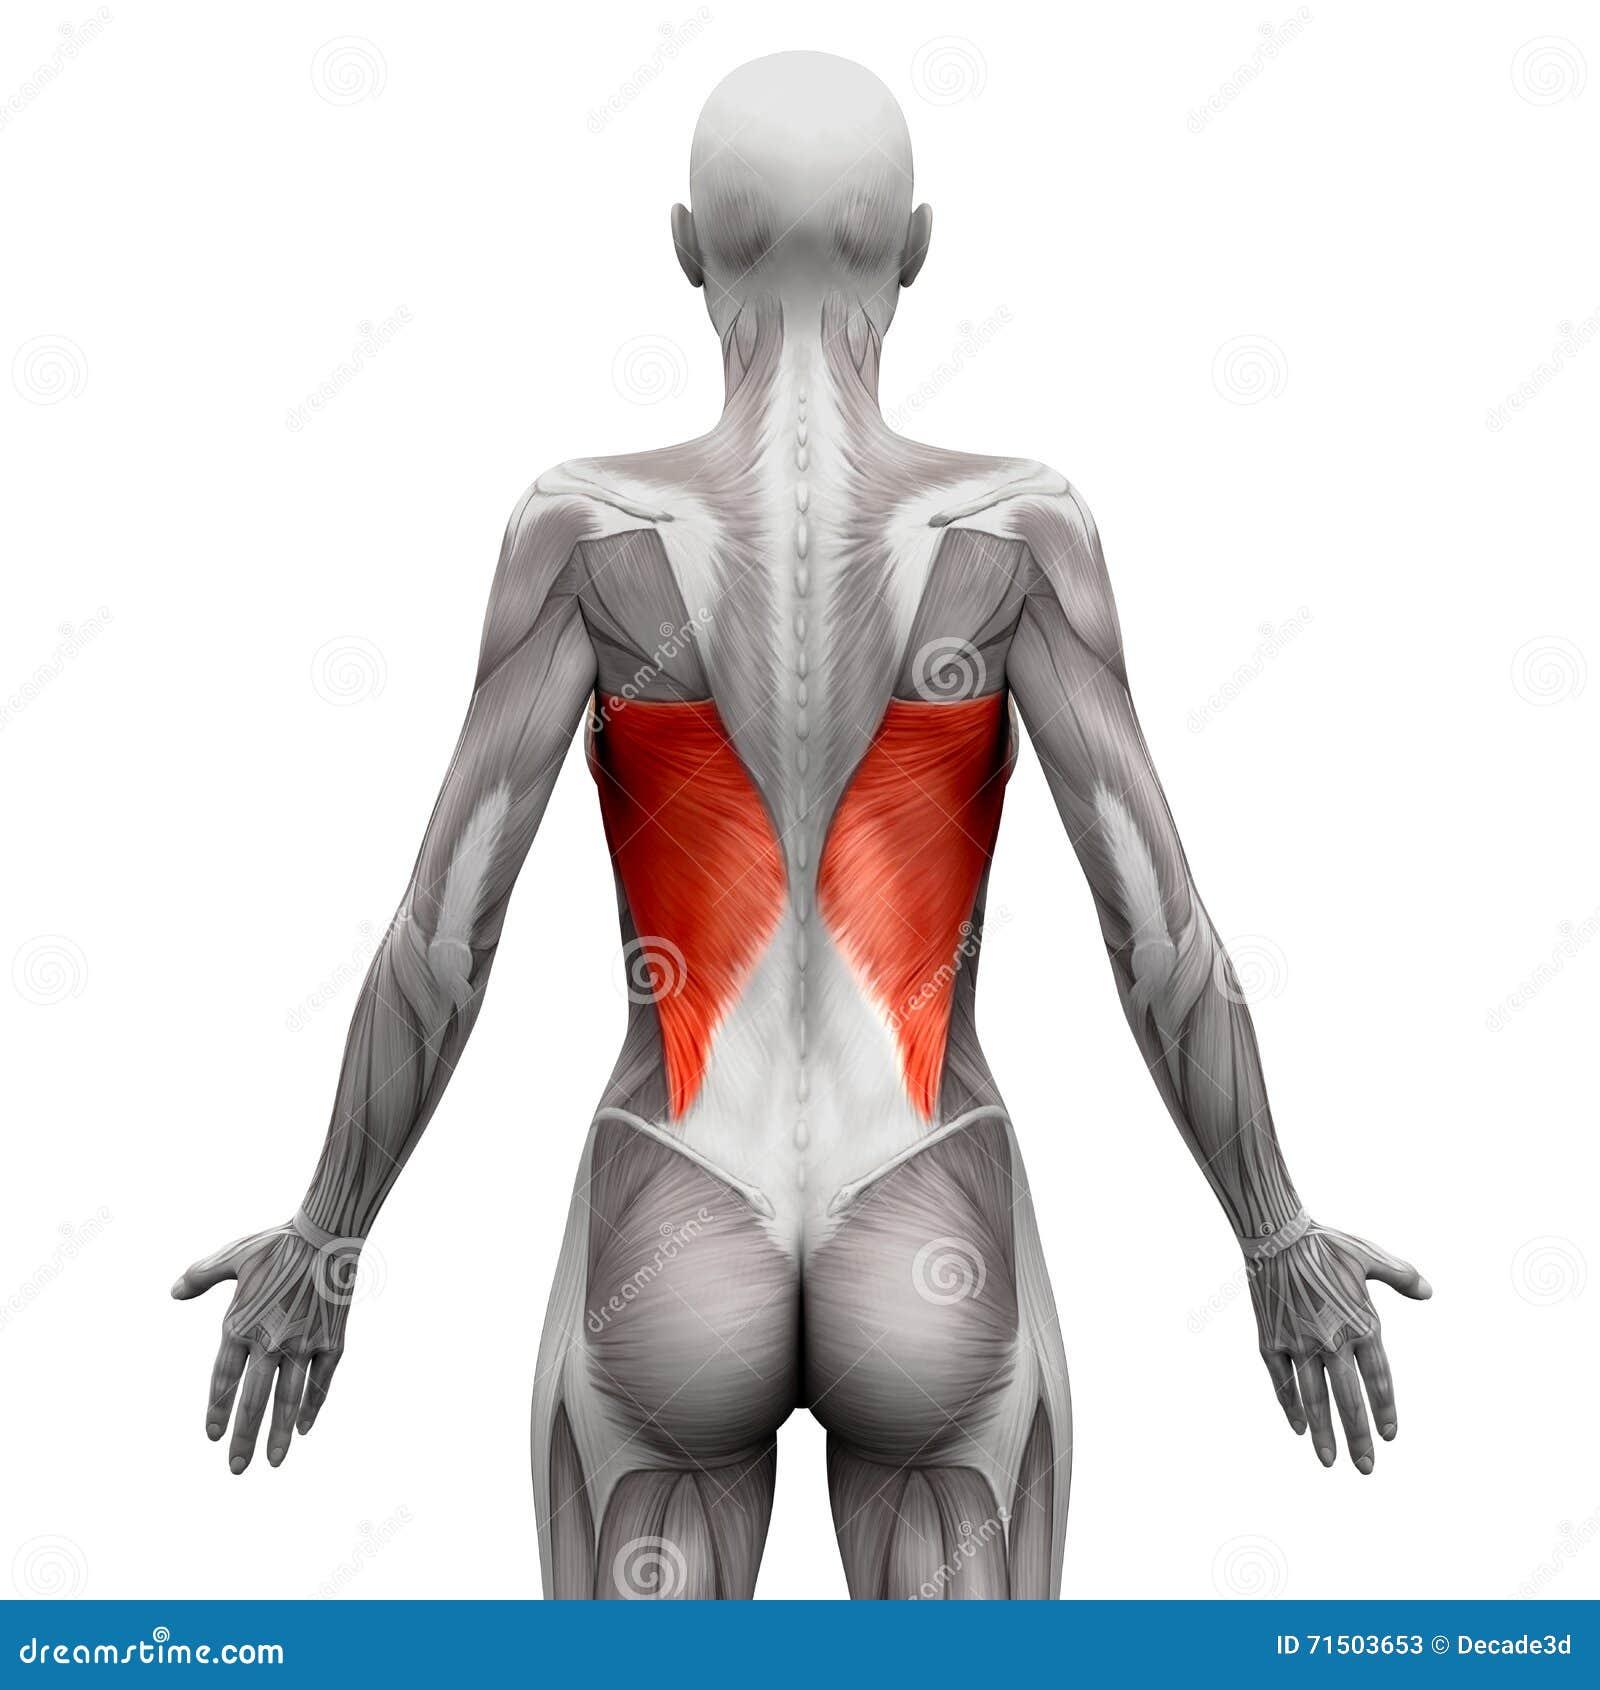 Dorsi Latissimus - мышцы анатомии изолированные на бело- illust 3D